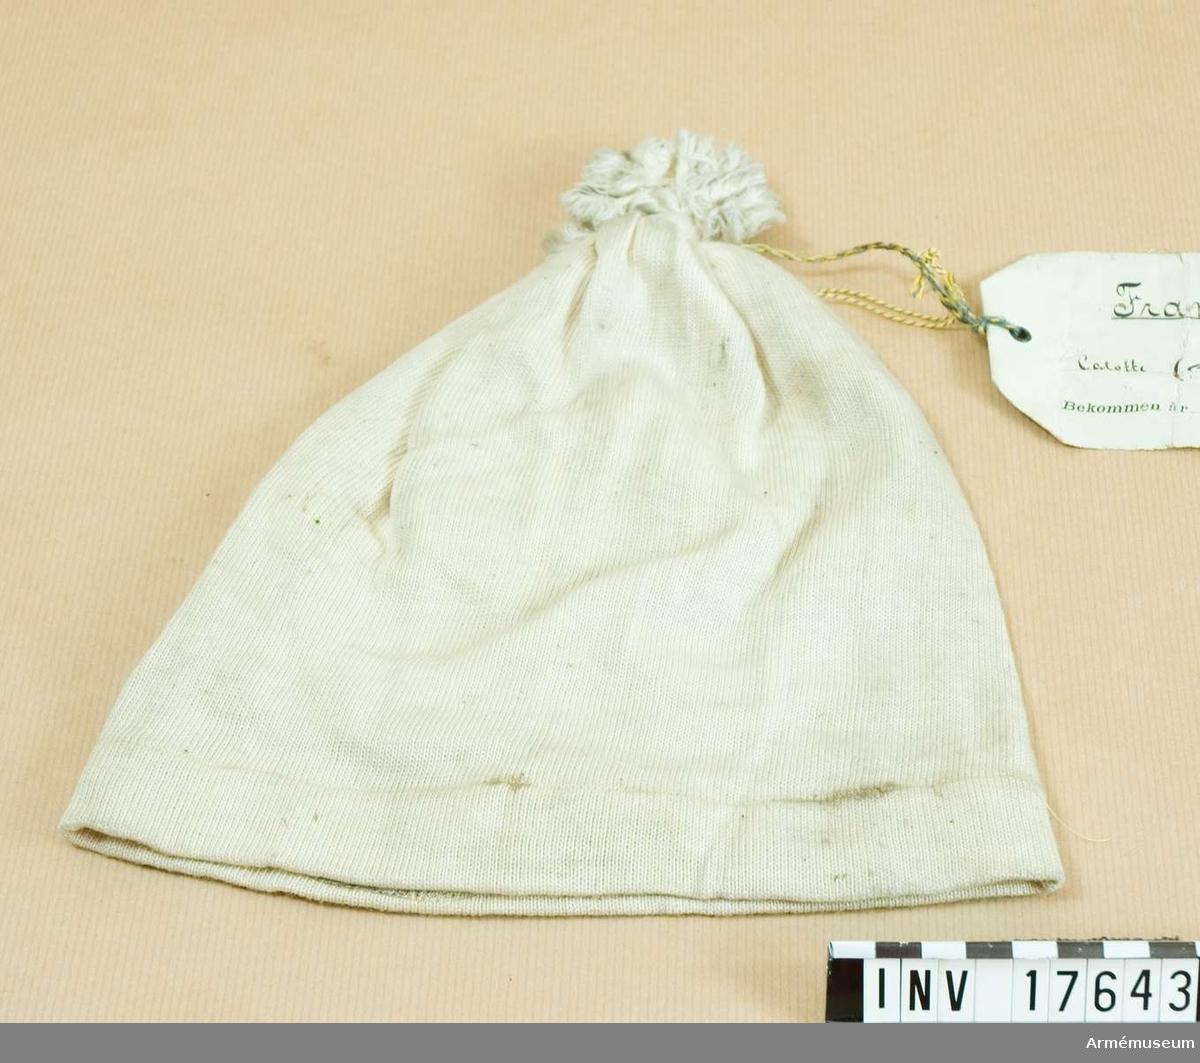 Grupp C I. Nattmössa tillverkad i Frankrike. Nattmössa av vitt bomullstyg med pompong på övre delen av vitt bomullsgarn.